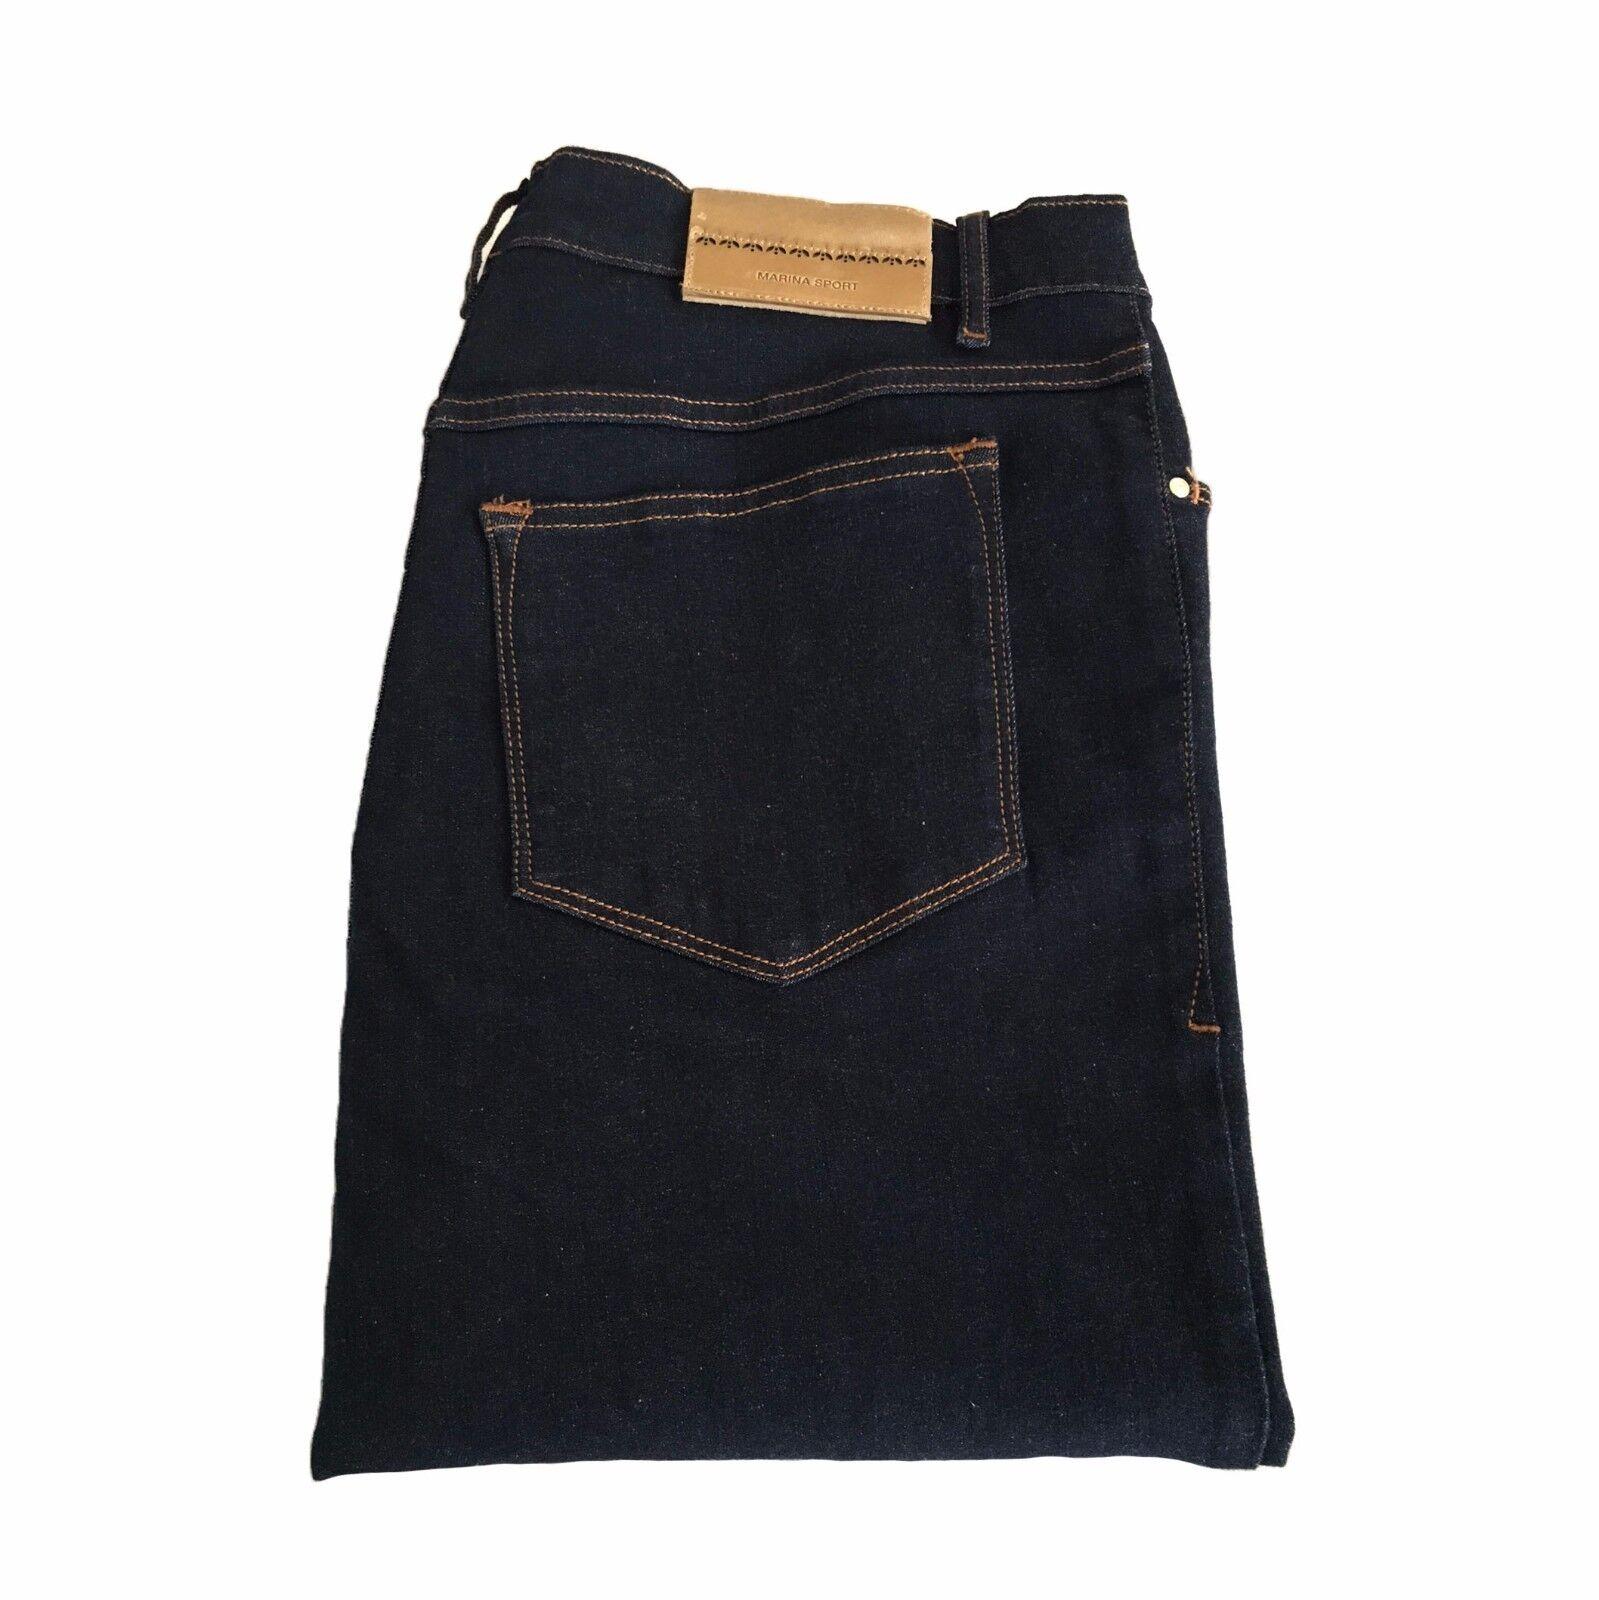 MARINA SPORT by Rinaldi women's jeans dark bluee slim mod goldENSEAL 92% cotton